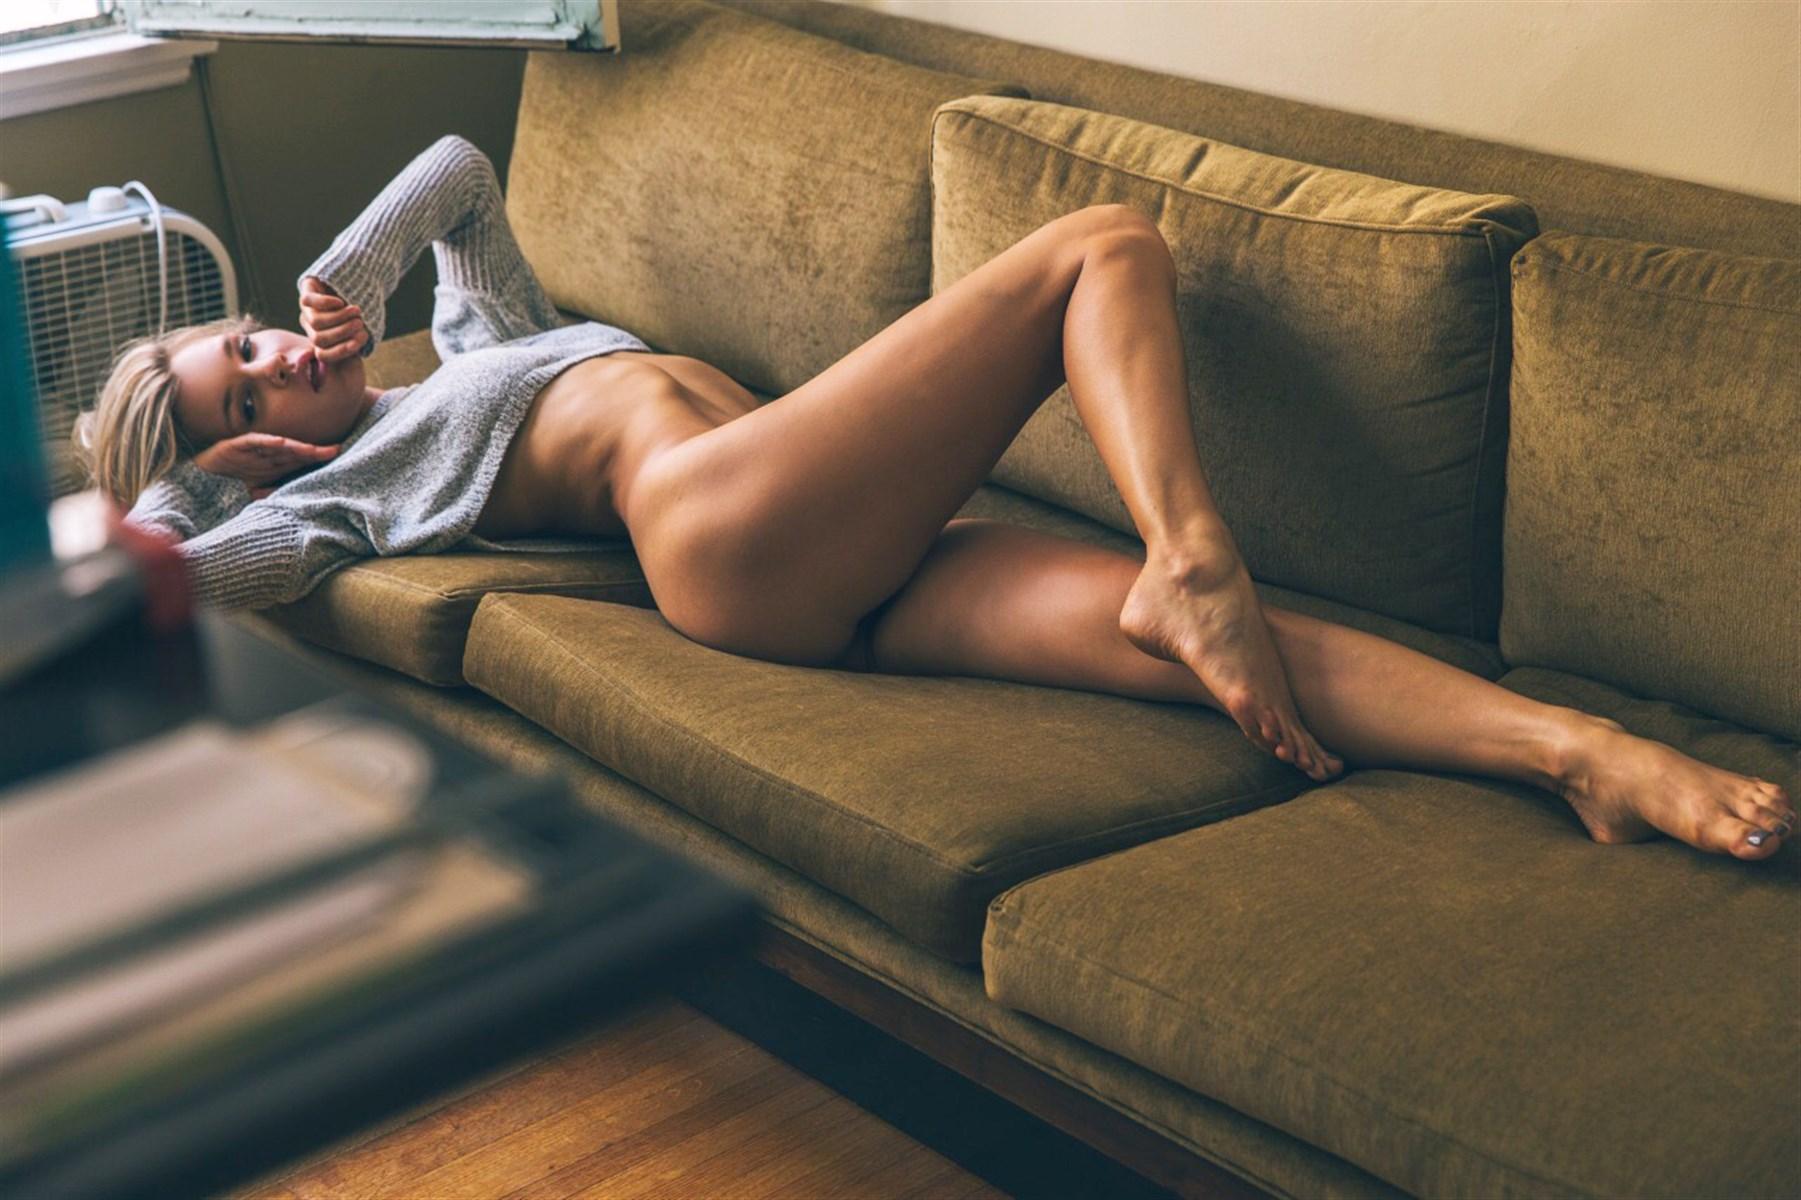 Celeb nude net